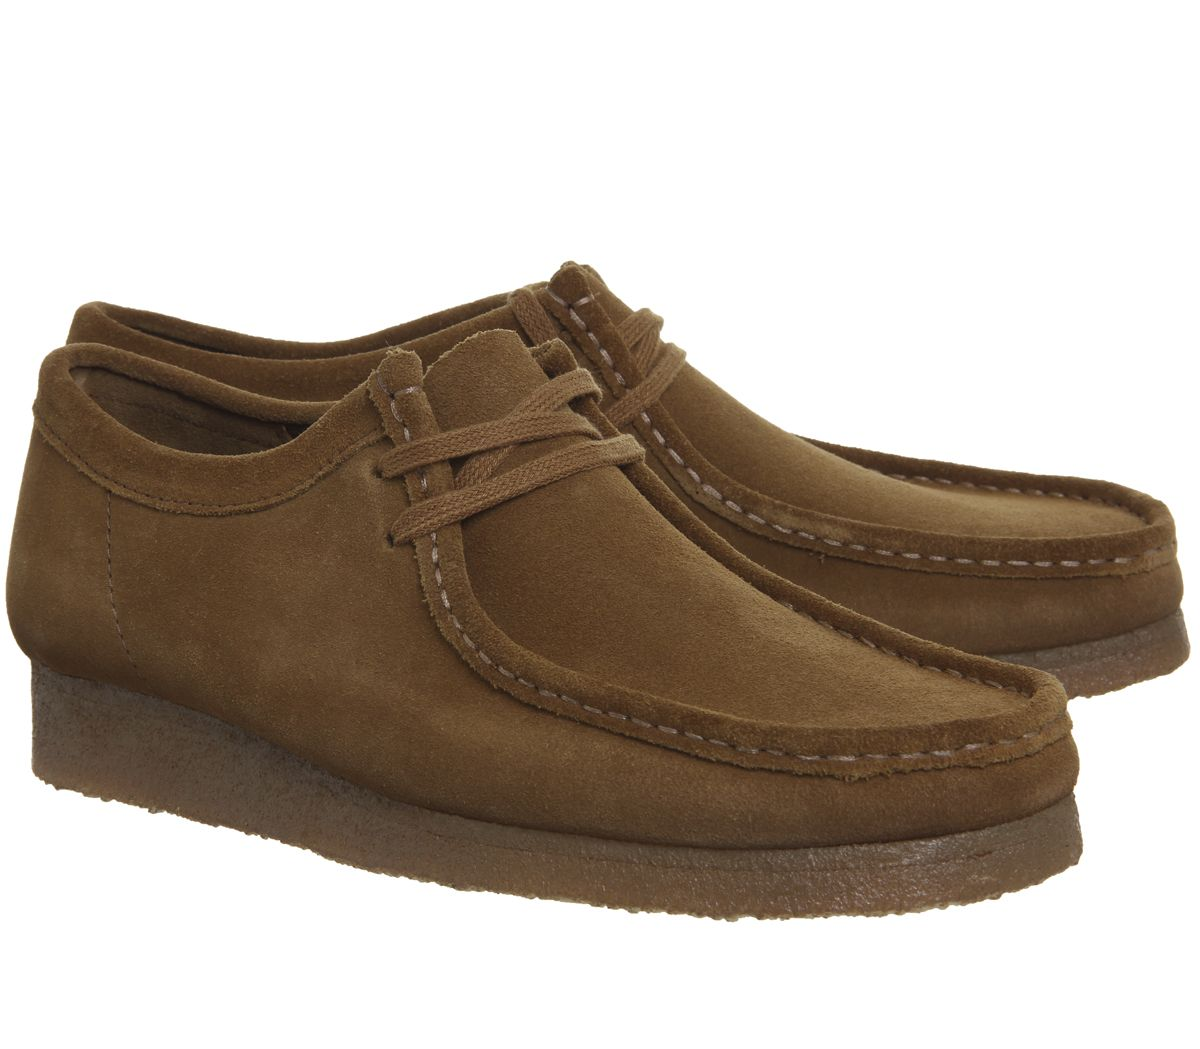 Details zu Herren Clarks Originals Wallabee Schuhe Cola Wildleder Neu Freizeitschuhe